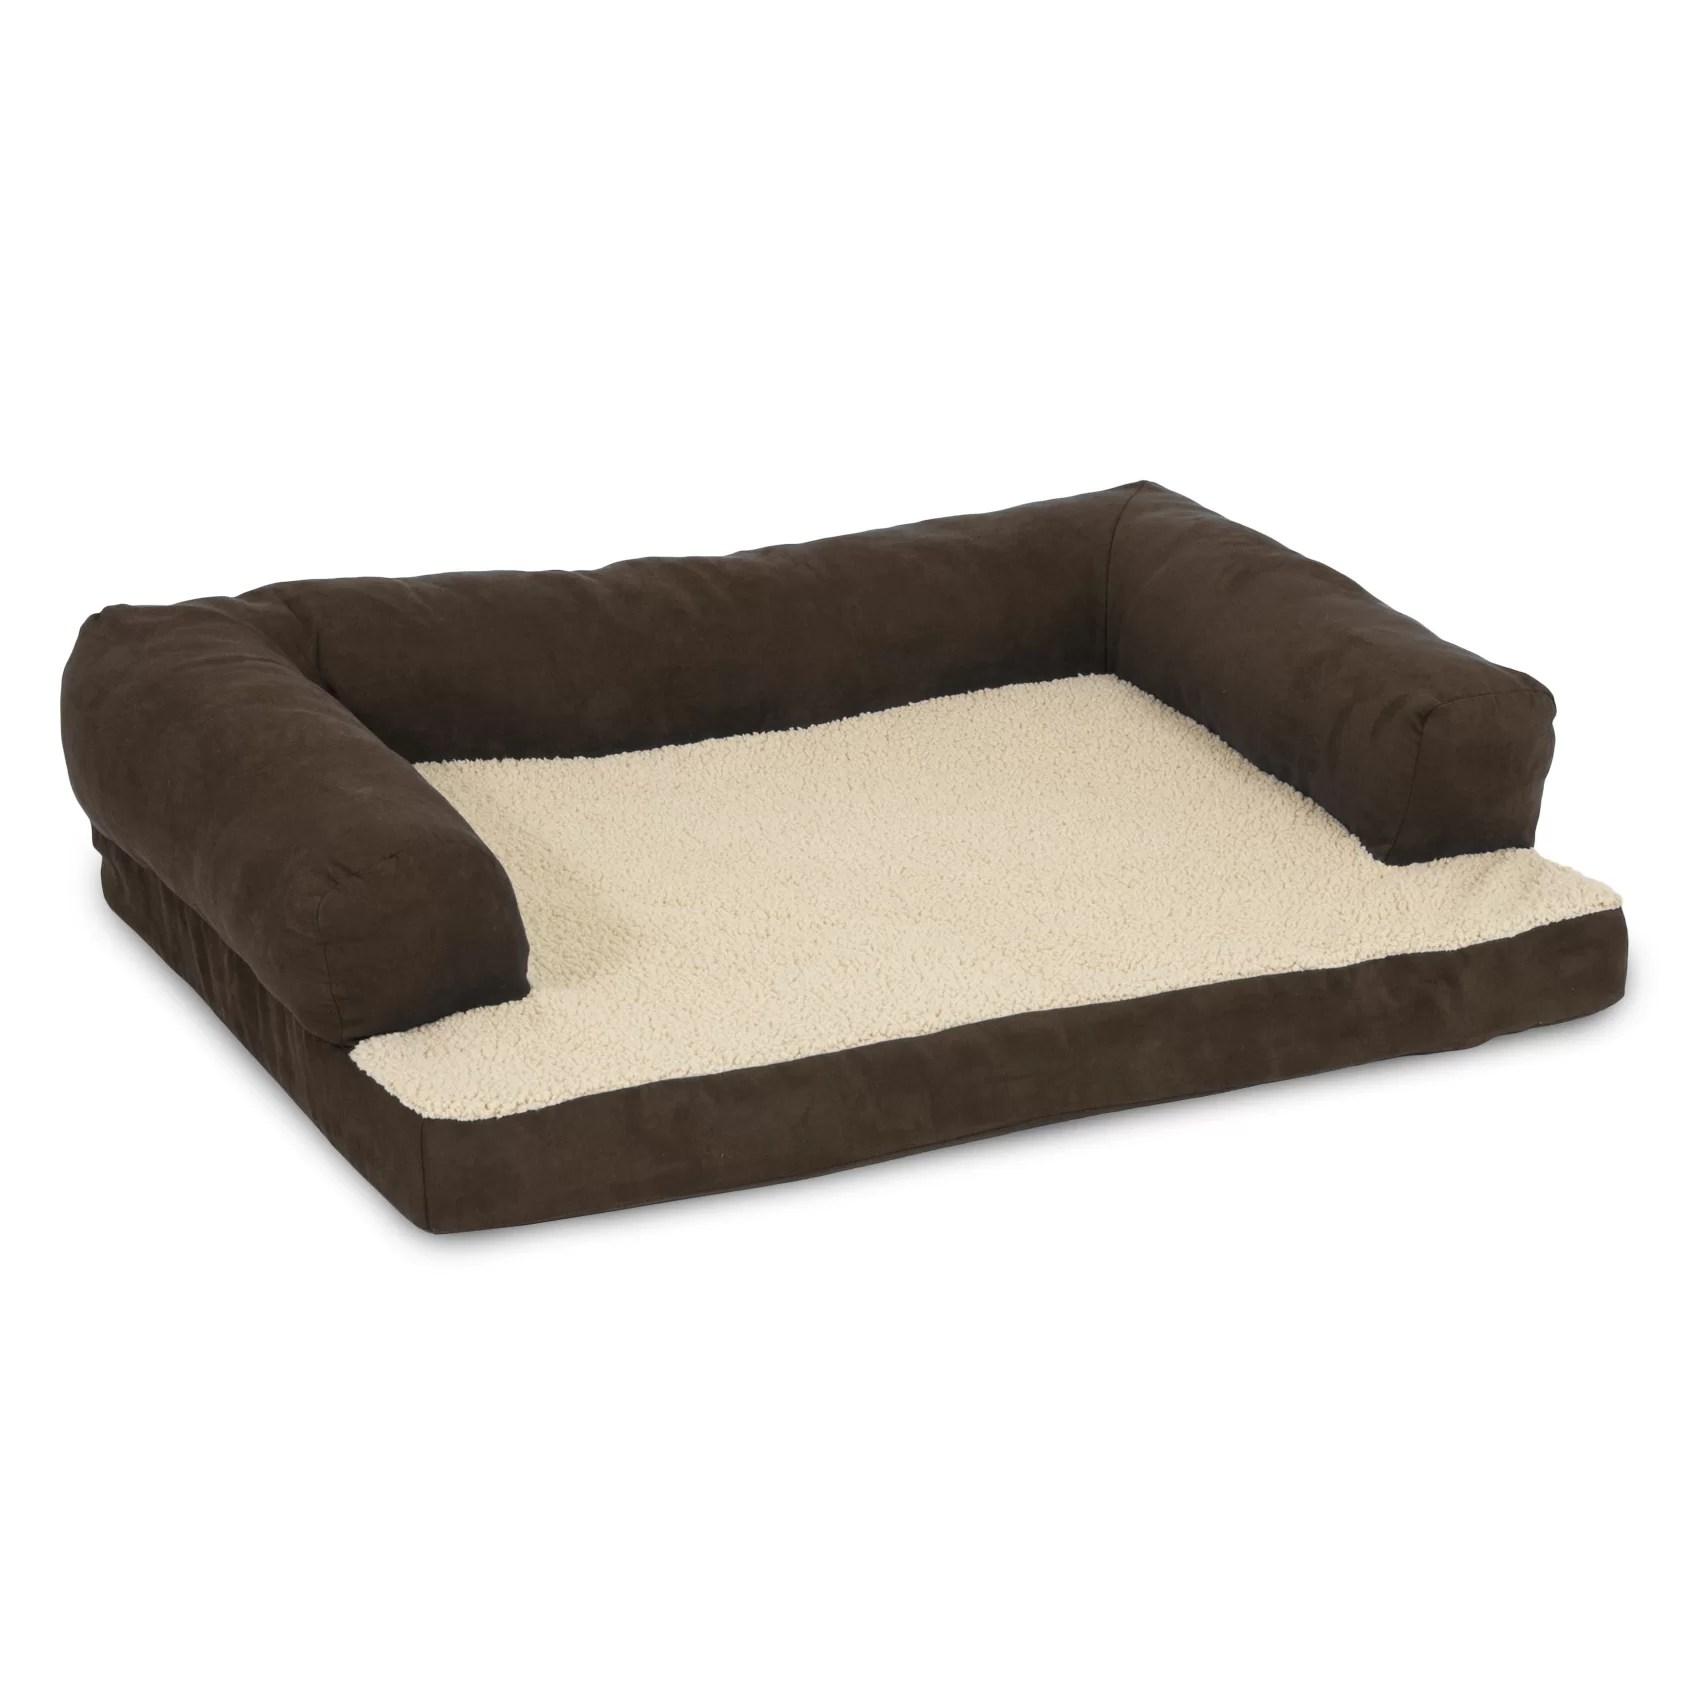 Aspen Pet Orthopedic Bolster Dog Bed & Reviews